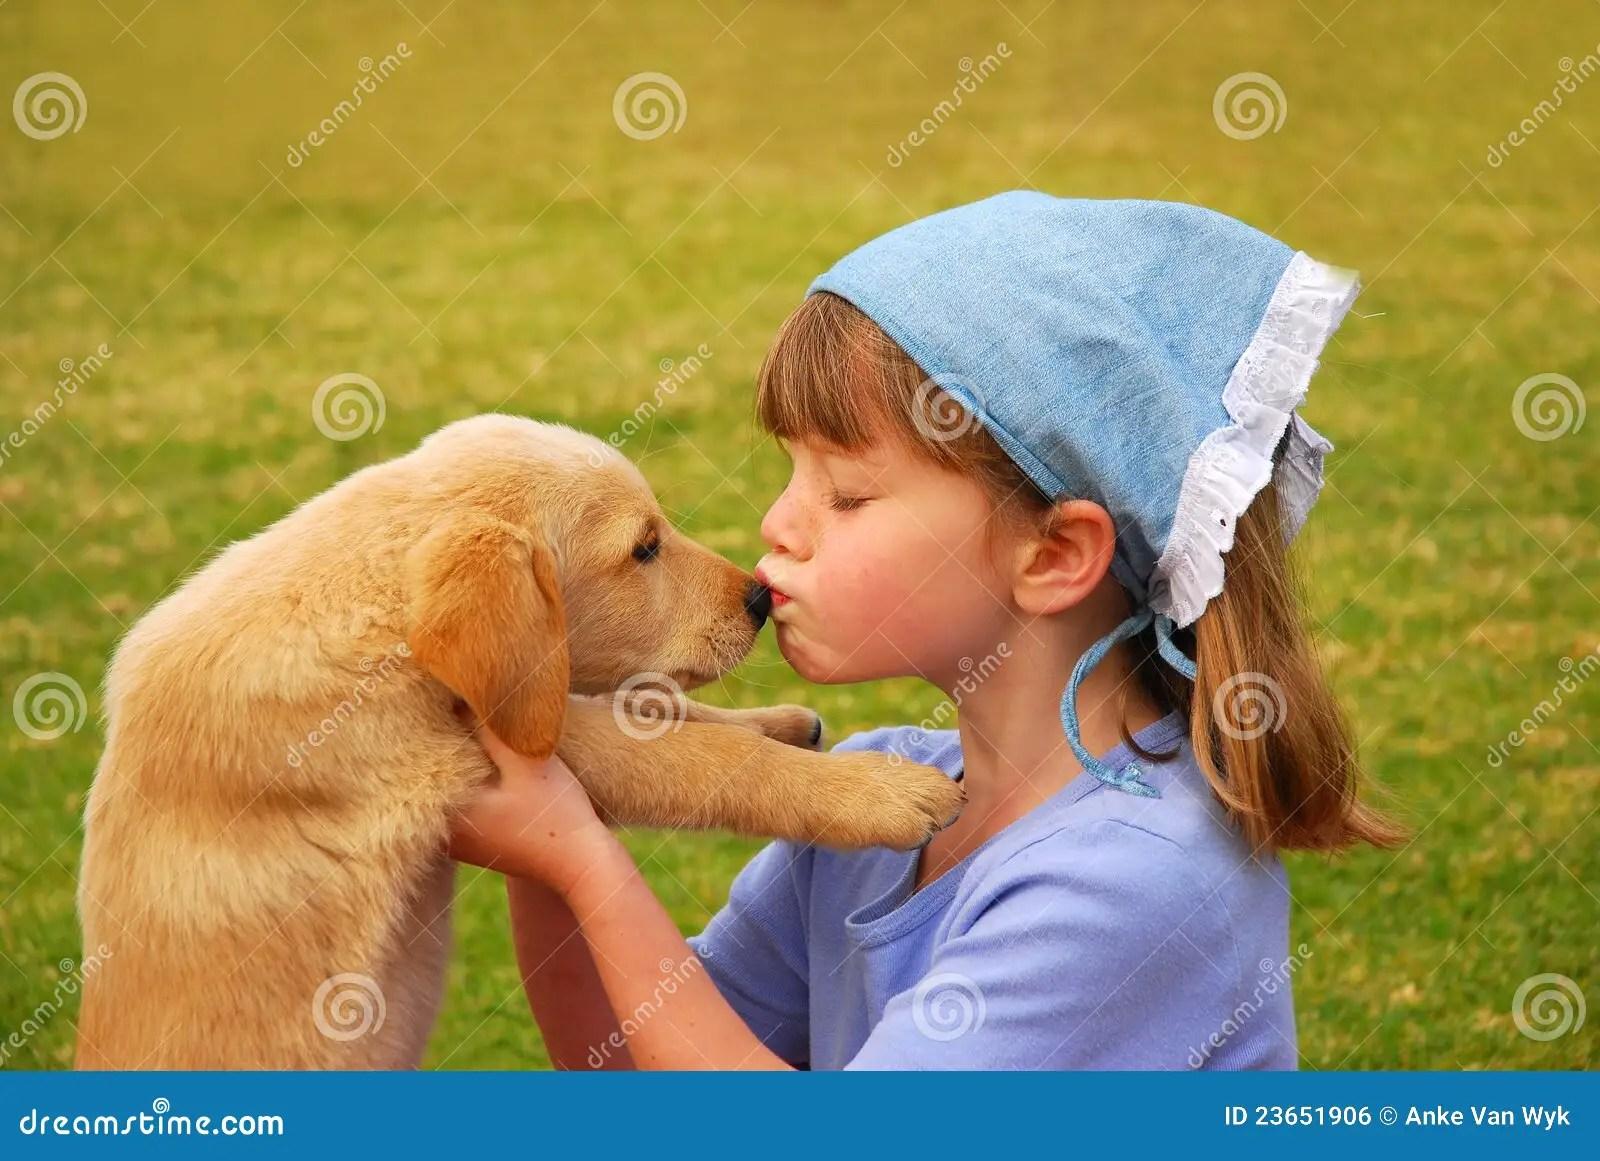 Girl Kisses Boy Wallpaper Bambina Che Bacia Il Suo Cucciolo Fotografia Stock